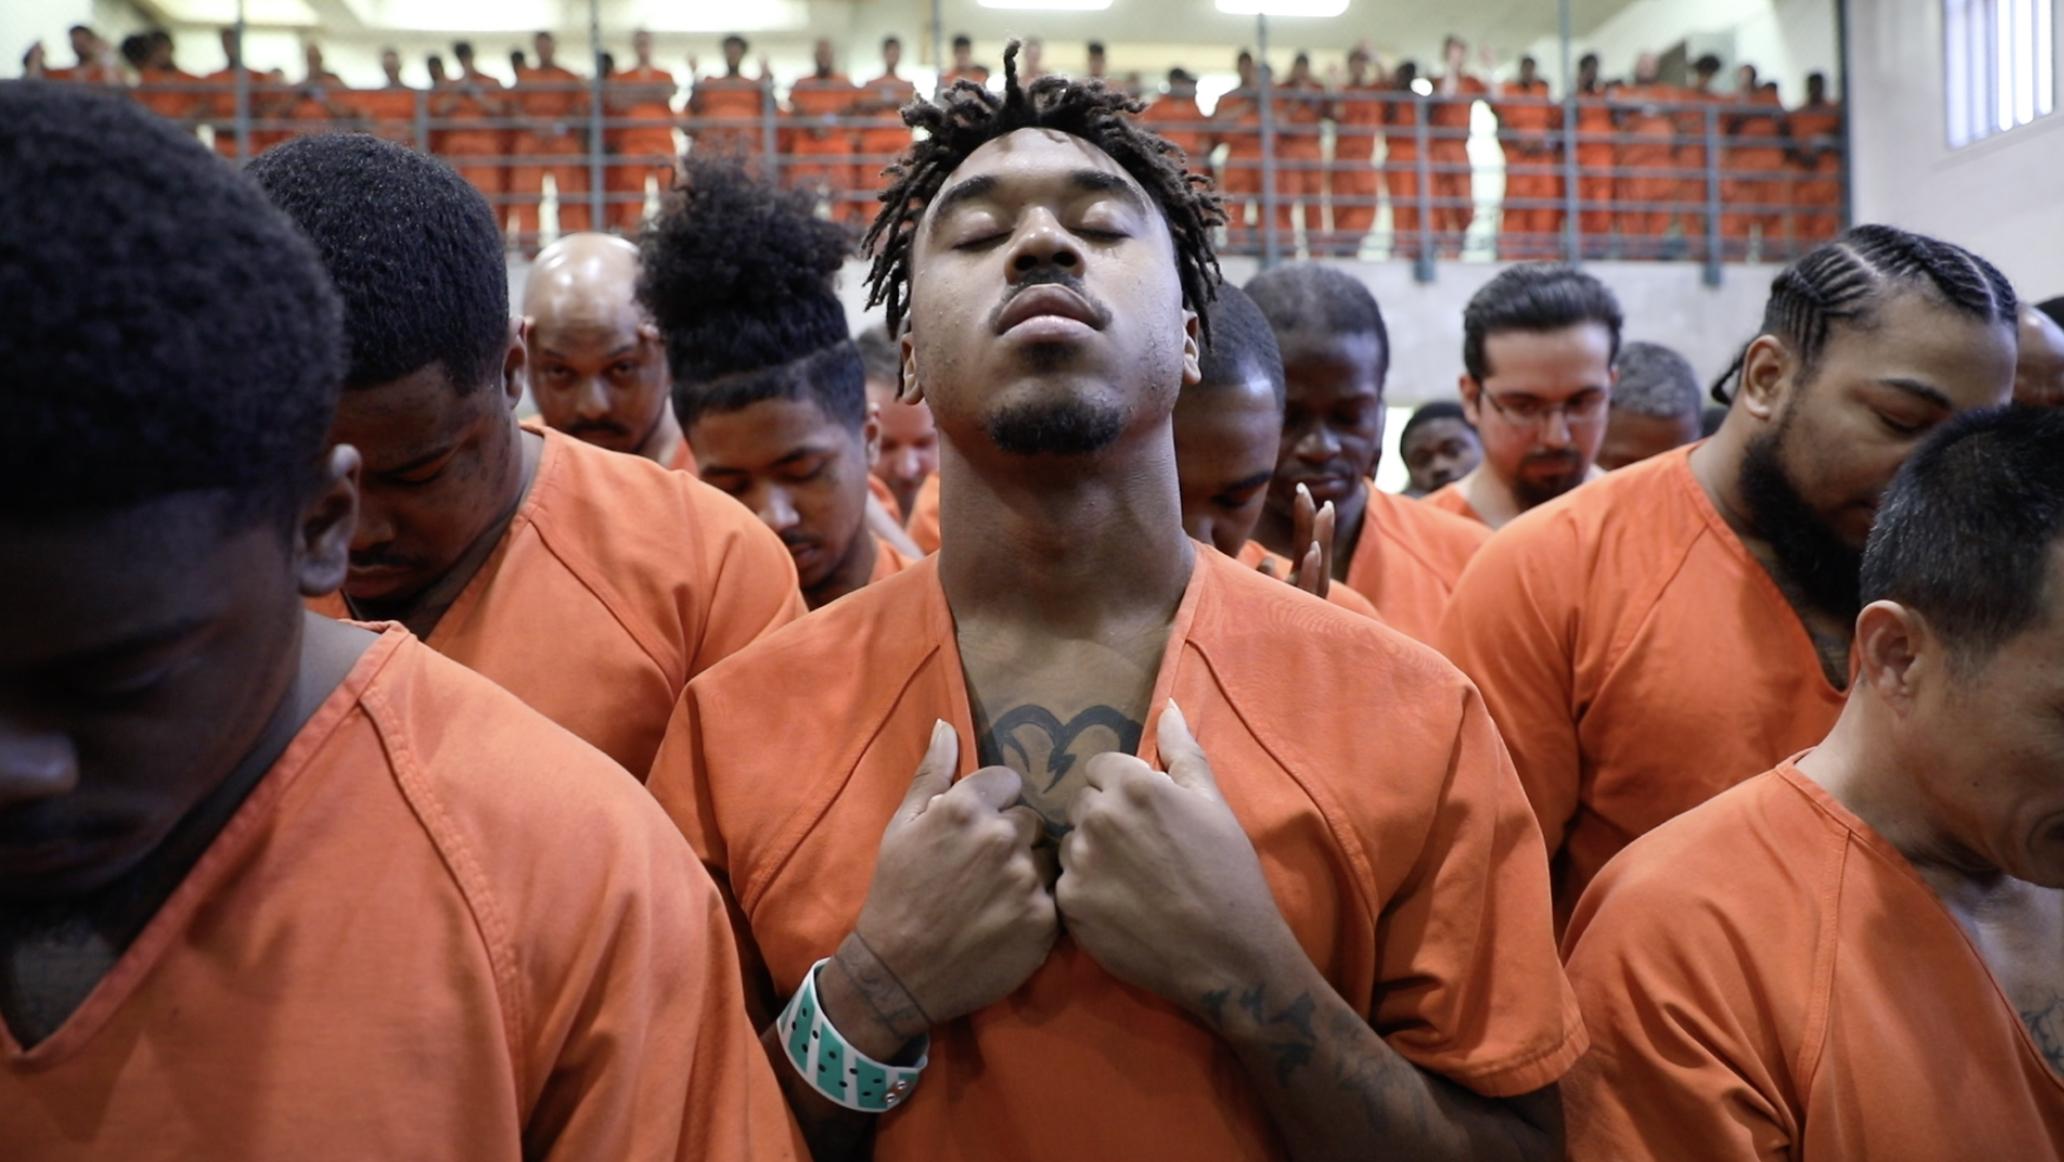 Kanye_West_service_11152019004